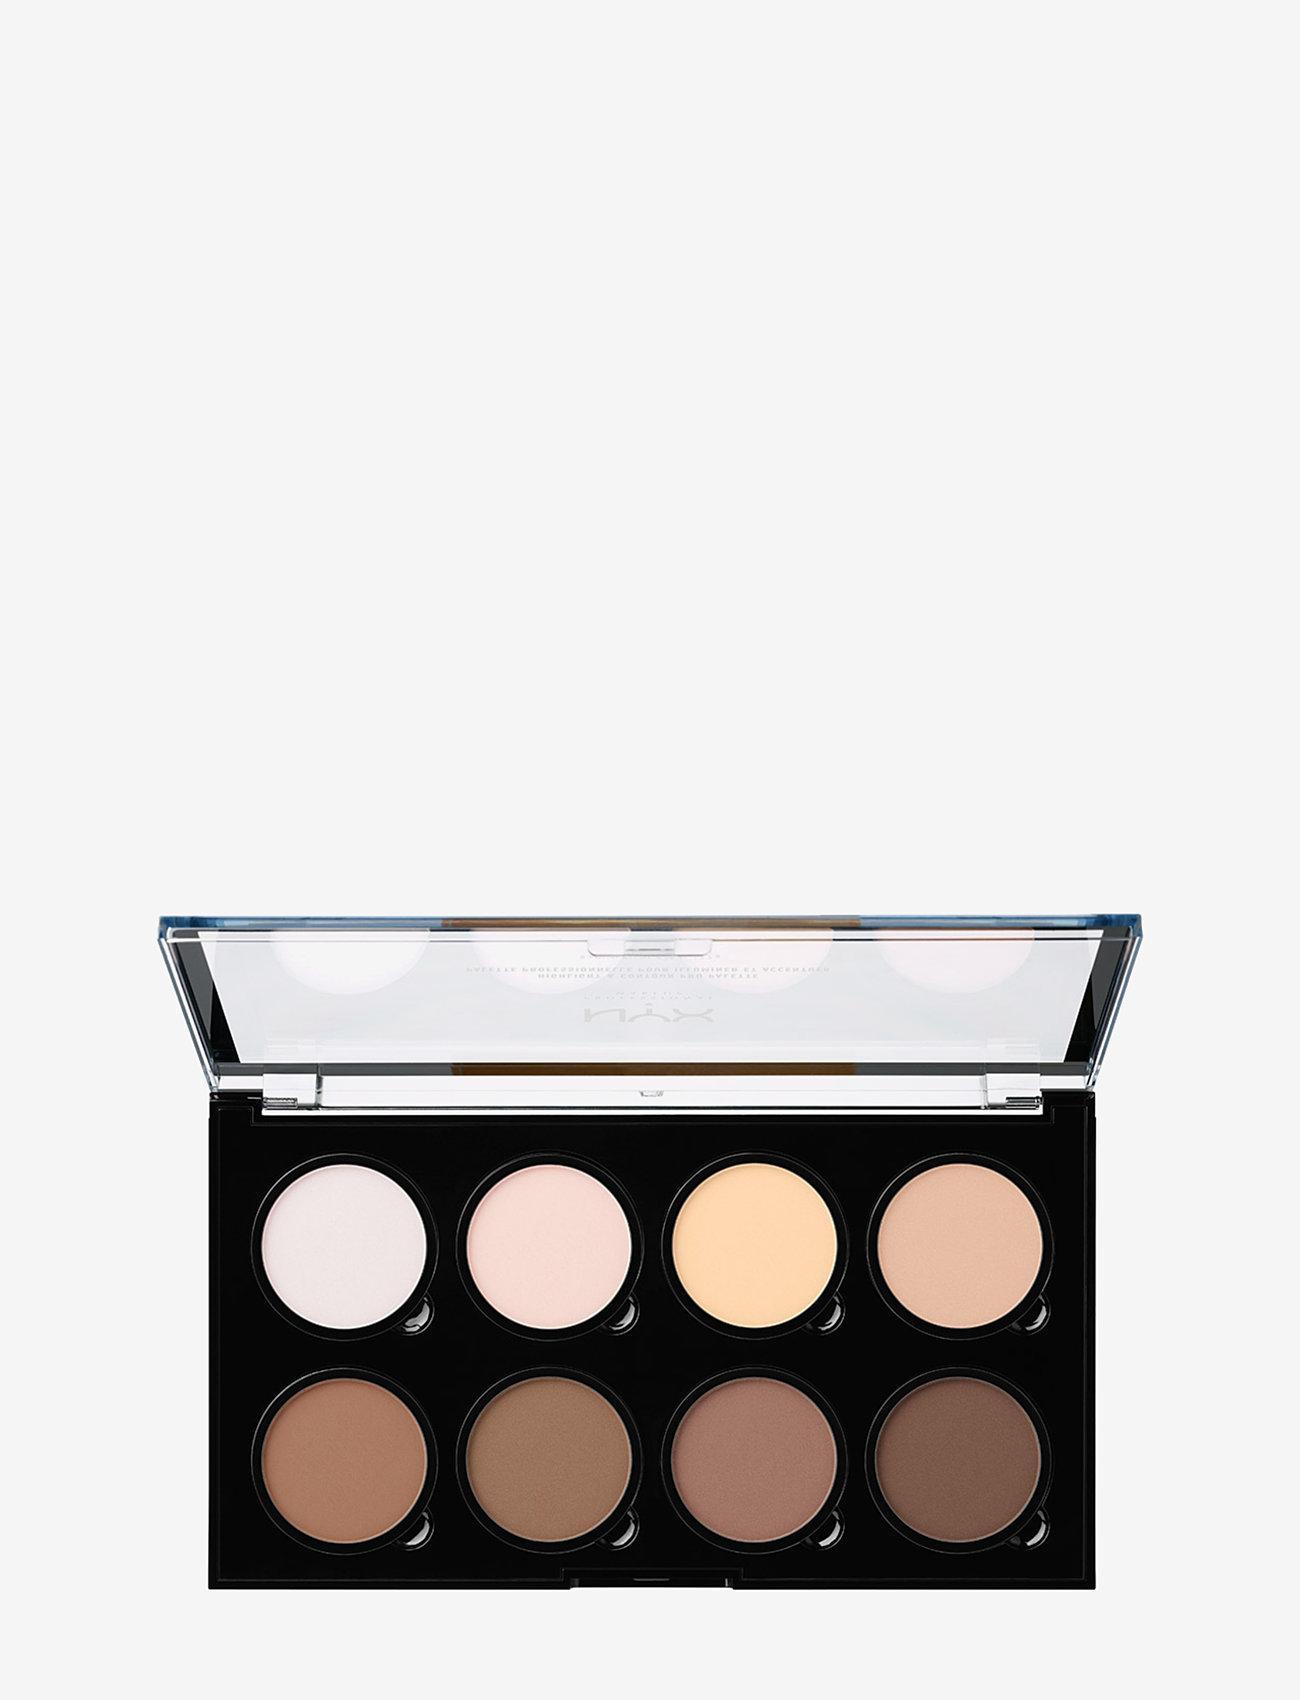 Nyx Contour Palette Singles